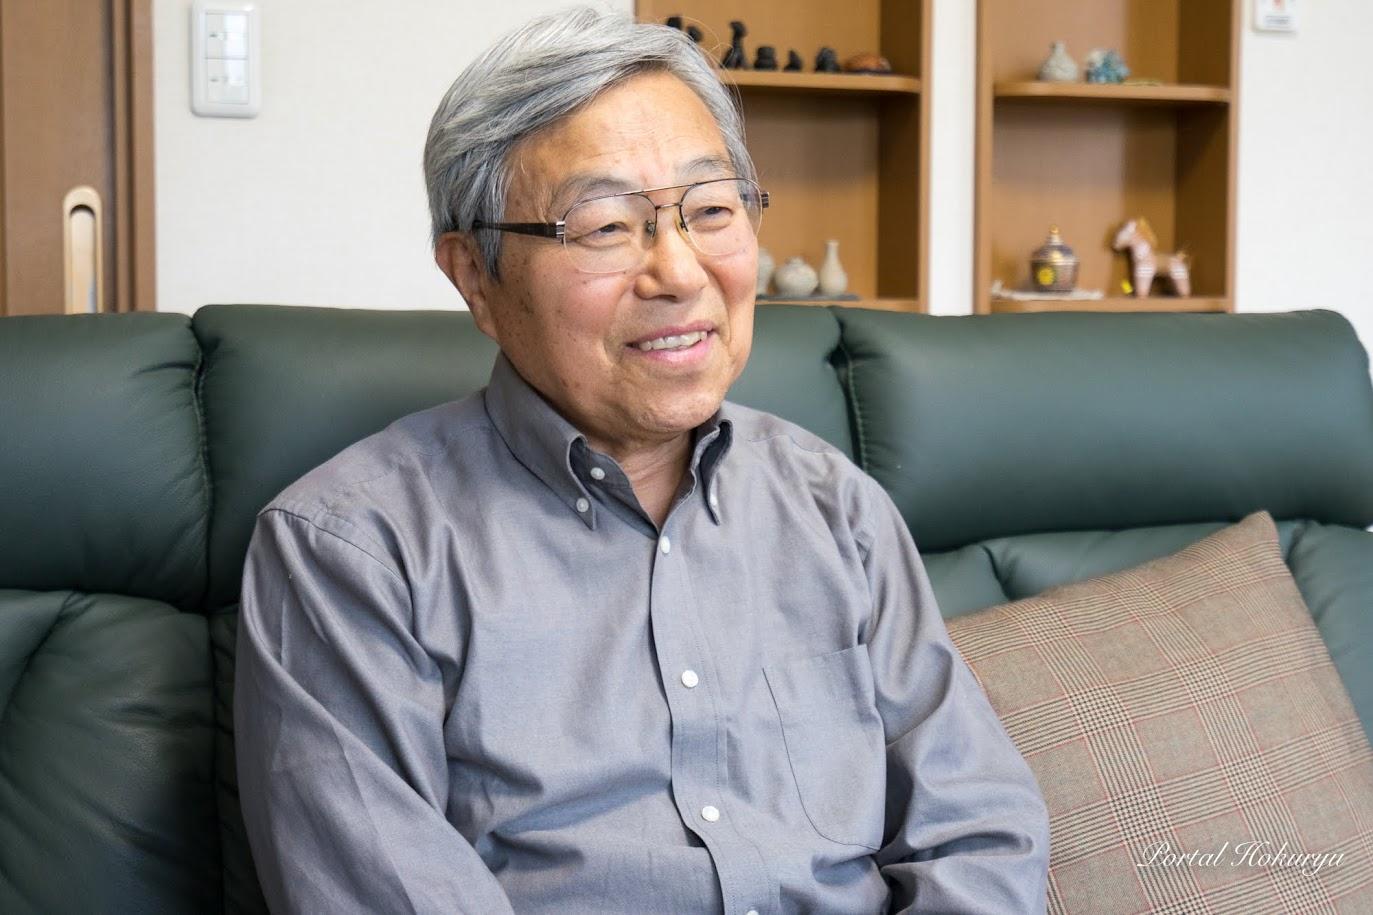 北海道拓殖短期大学名誉教授・三分一敬(さんぶいち たかし)さん